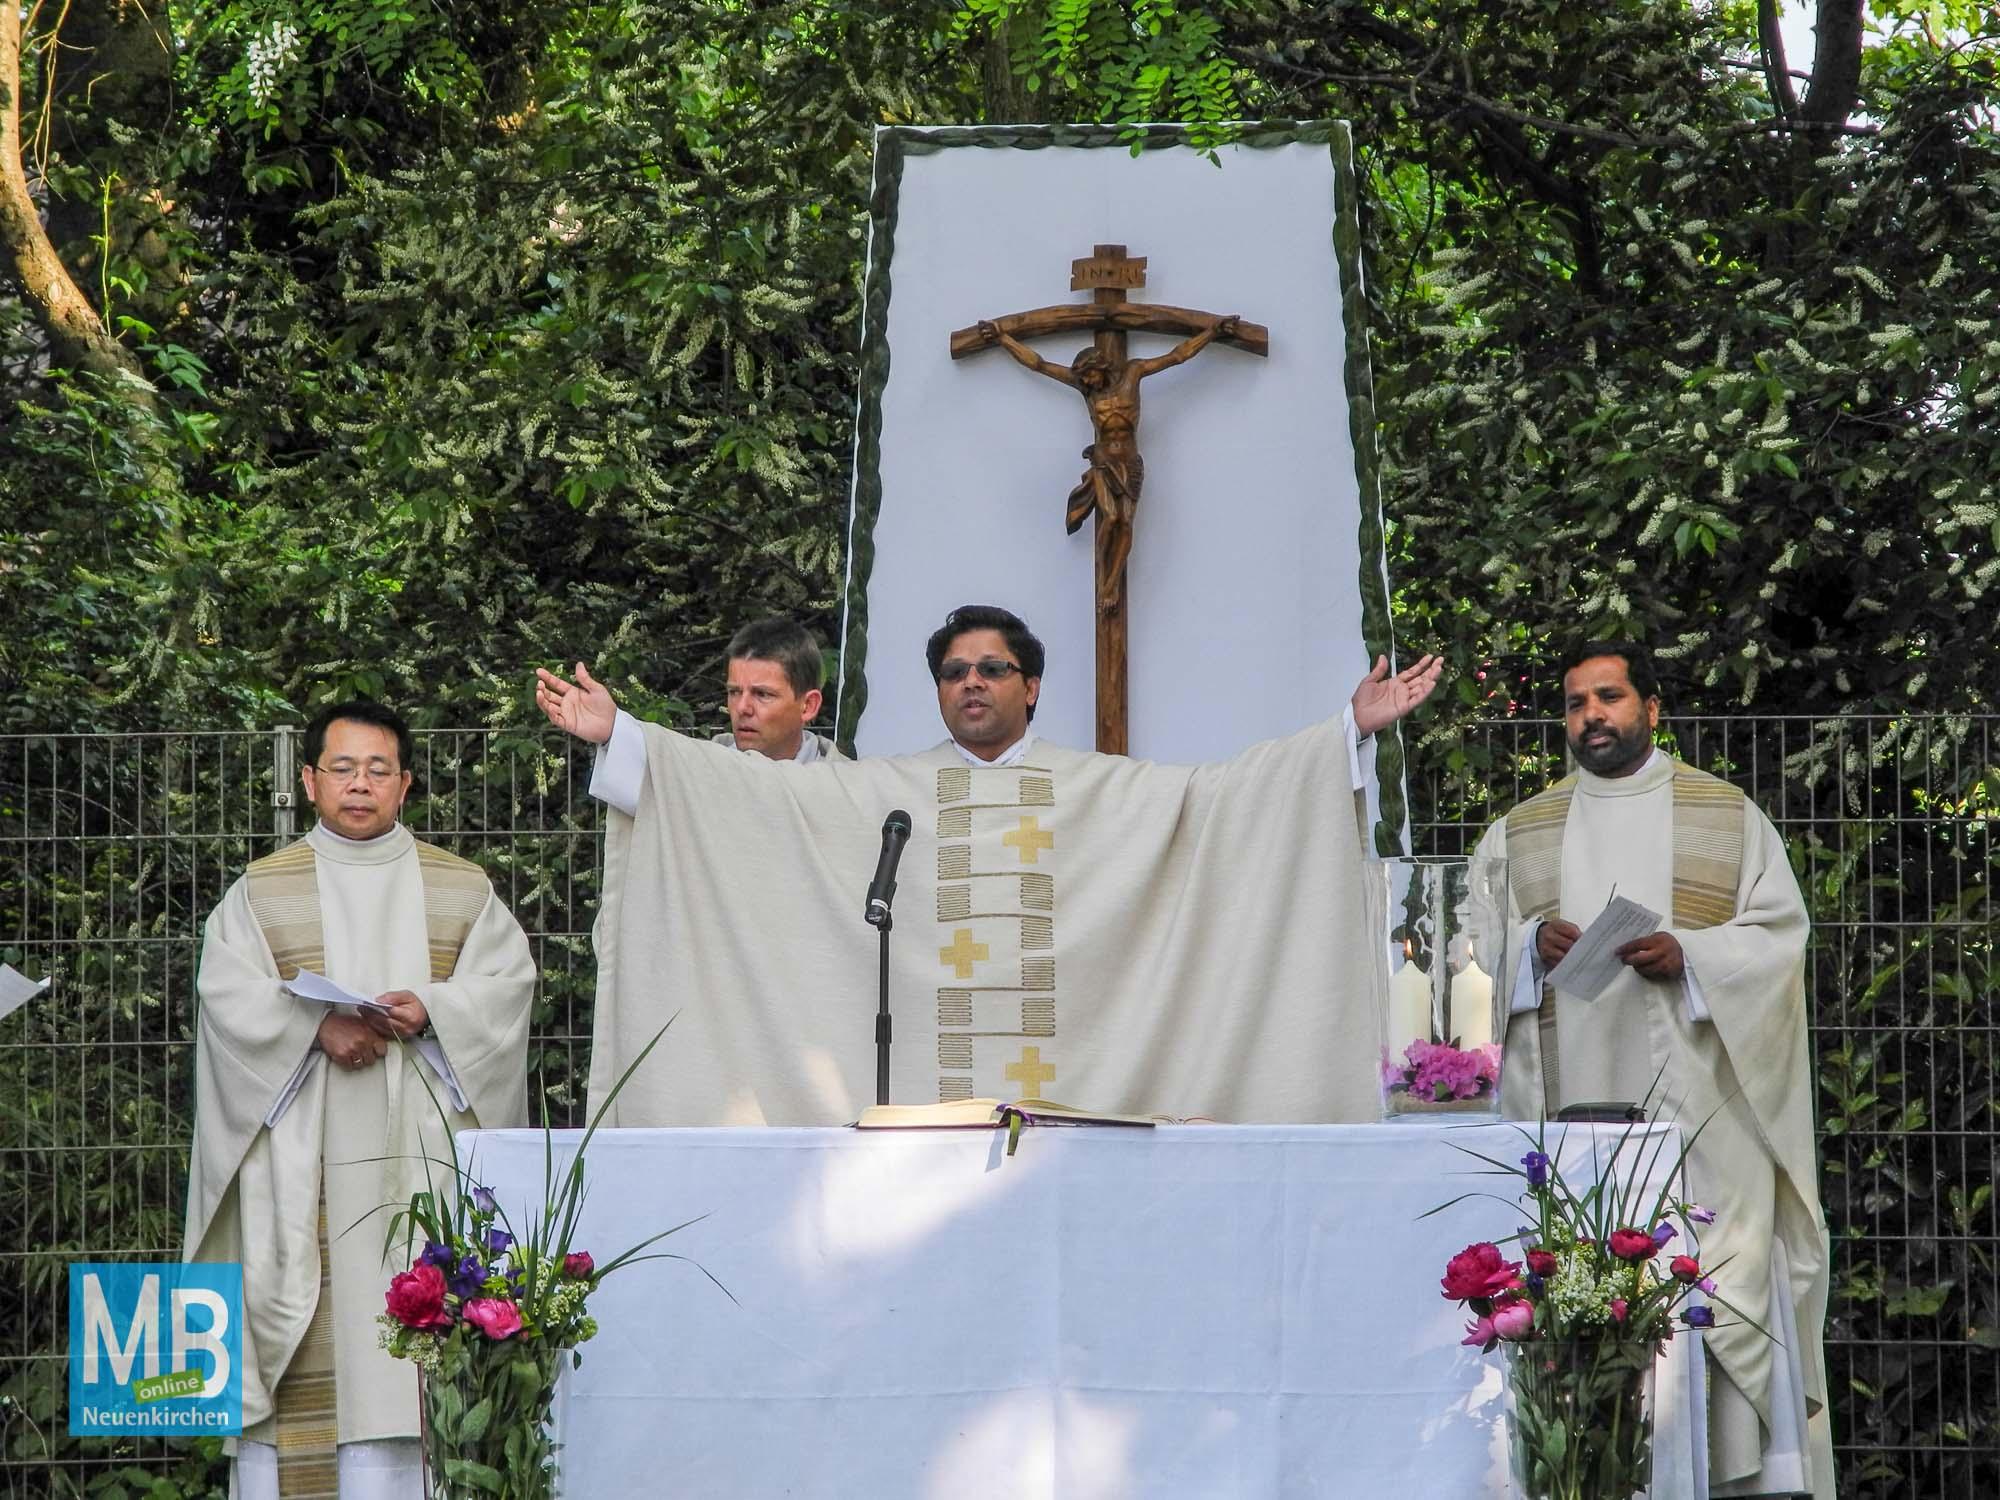 Eucharistiefeier in den Anlagen des Betreuungszentrums